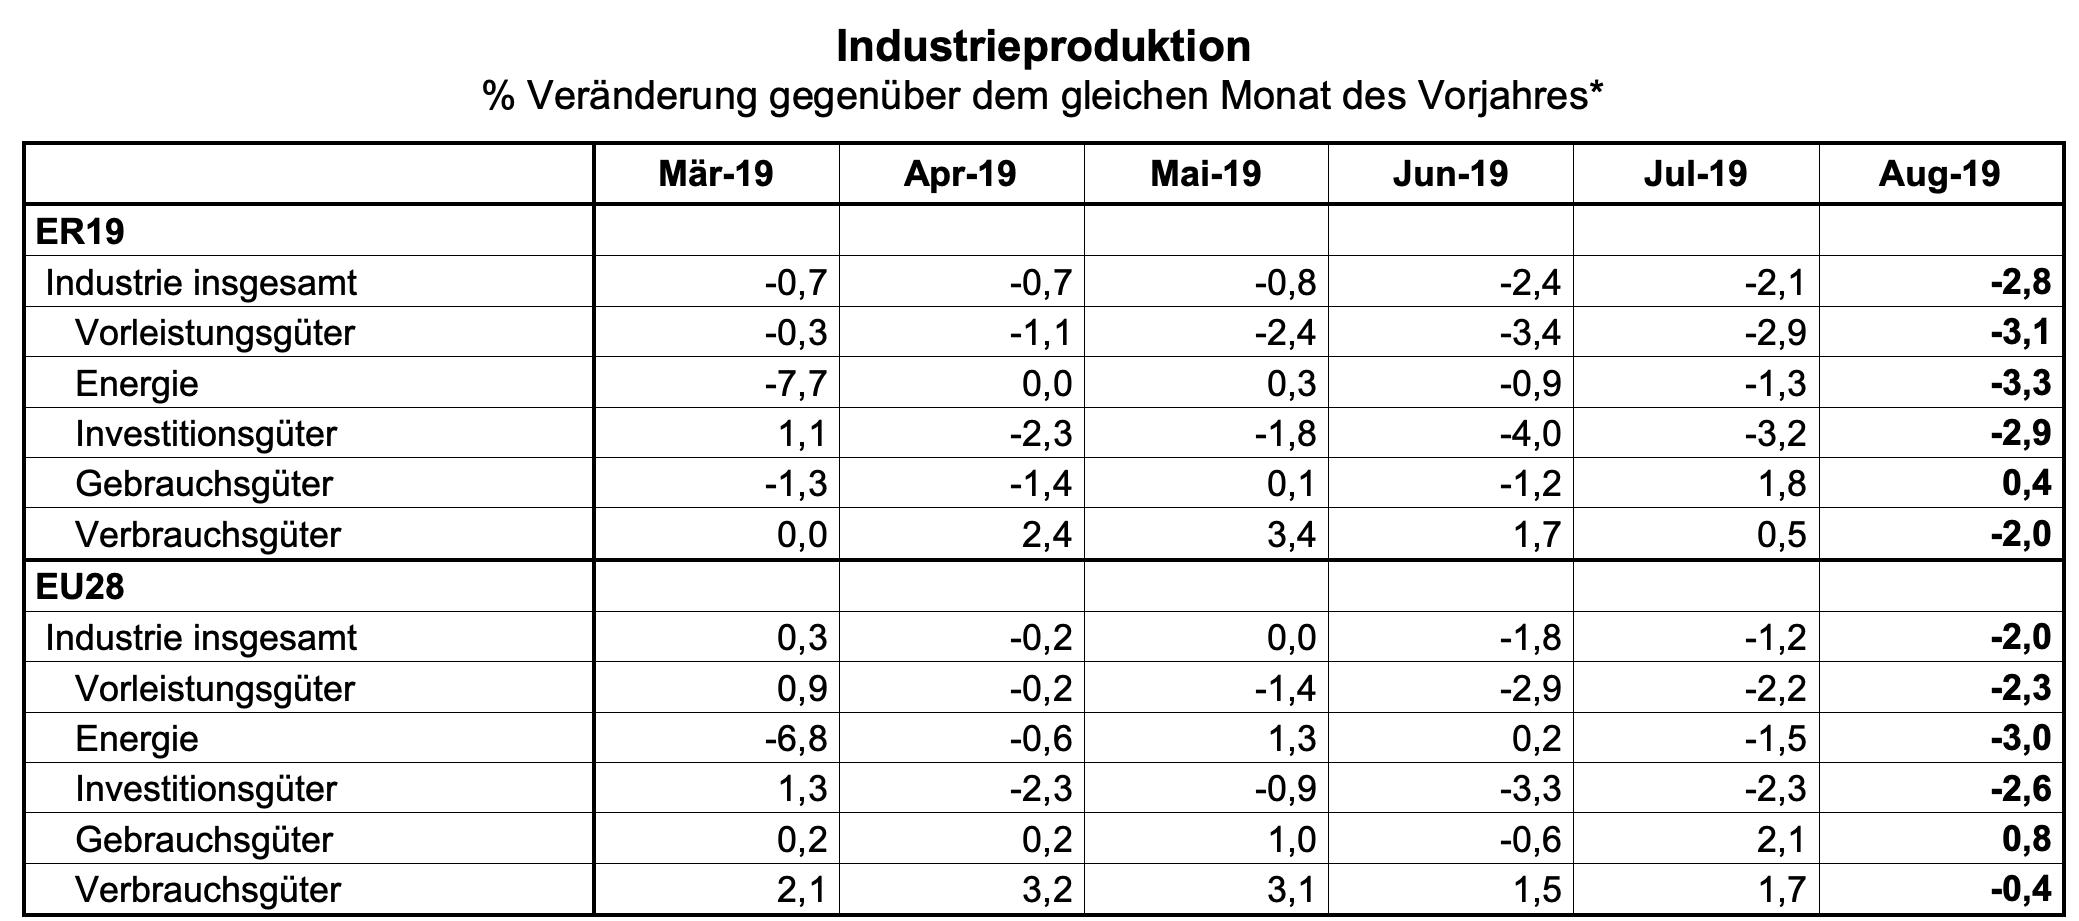 Industrieproduktion Eurozone August Jahresvergleiche